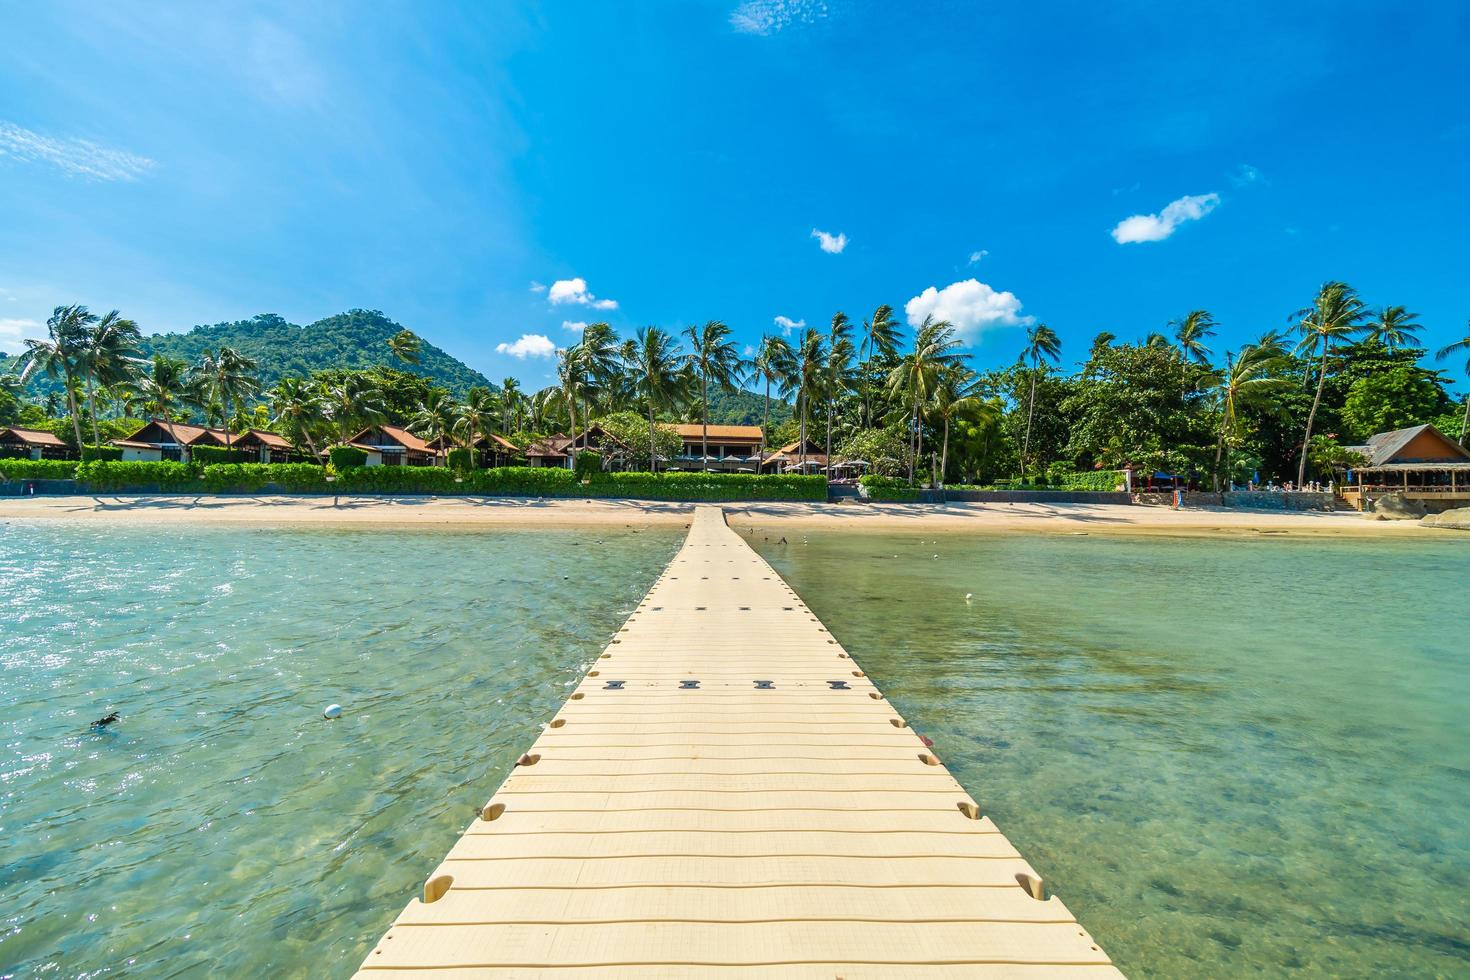 prachtig tropisch strand foto